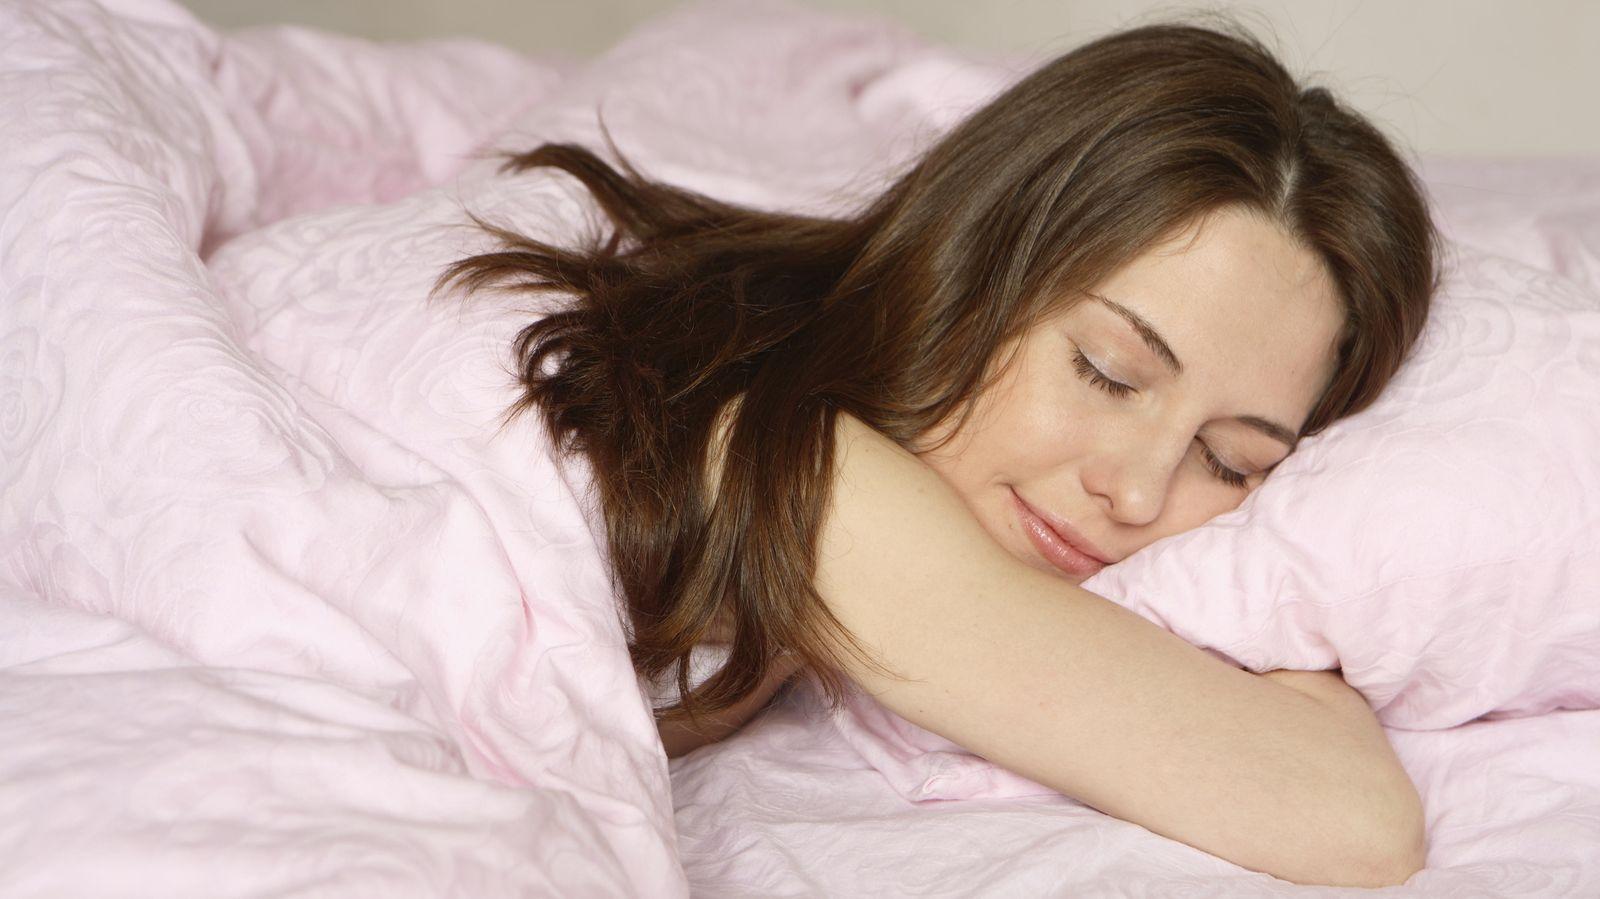 Foto: ¿Por qué a veces no consigues conciliar el sueño? ¿Qué hacer si los problemas para conciliar el sueño ocurren a diario? (iStock)